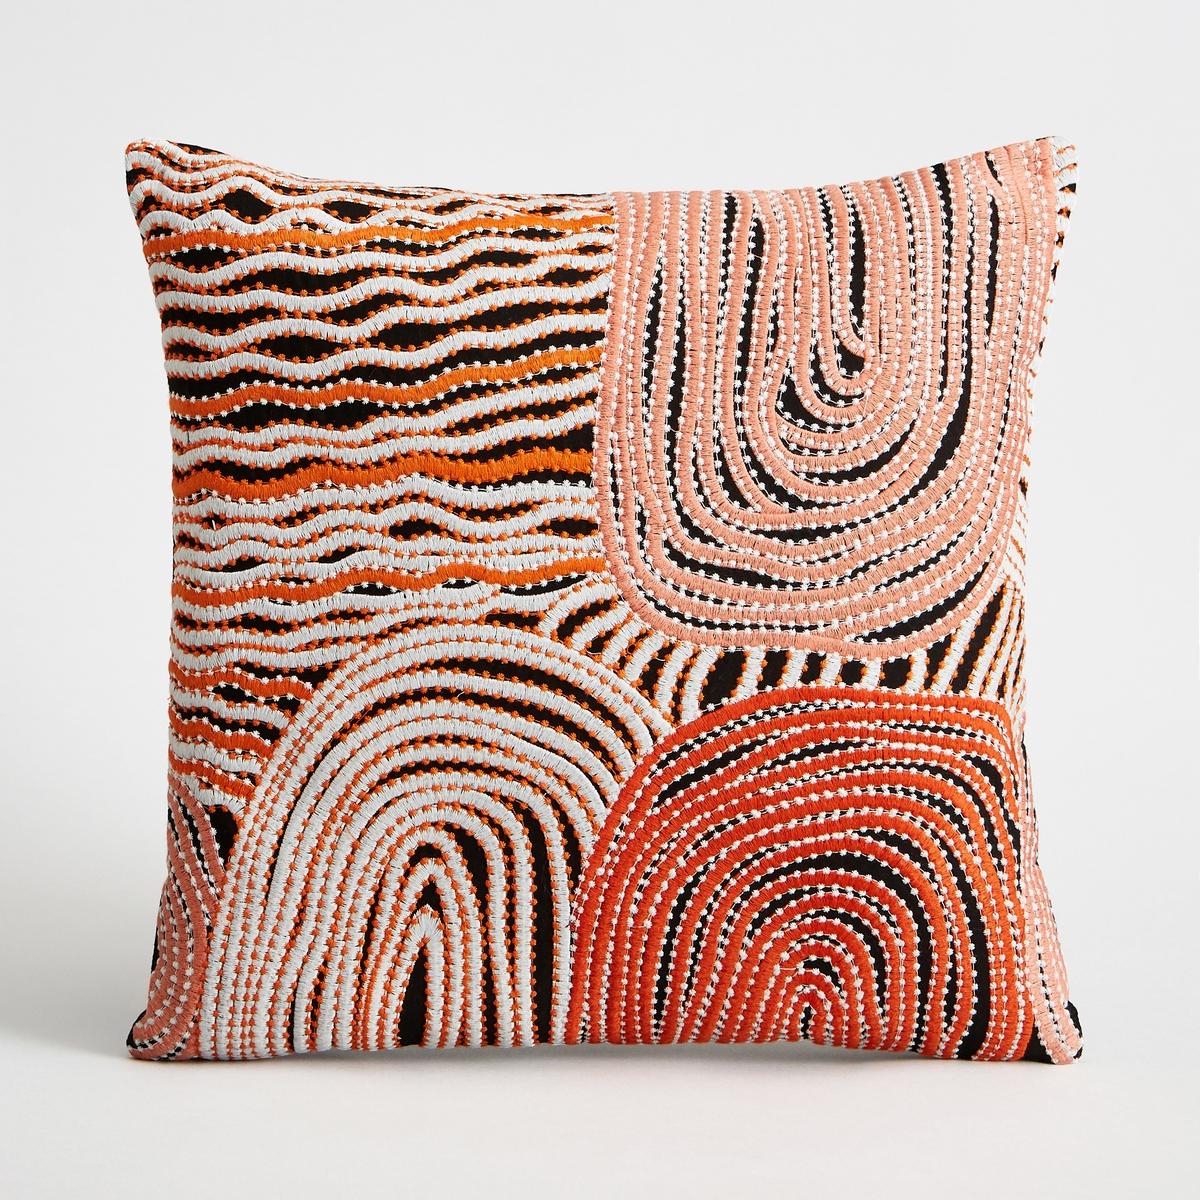 Чехол для подушки RatapikoЧехол для подушки Ratapiko с рисунком и вышивкой. Застежка на молнию. Стирка при 30°.Состав:- 100% хлопок. Размеры :- 40 x 40 см.Подушка продается отдельно на сайте.<br><br>Цвет: оранжевый/ черный<br>Размер: 40 x 40  см